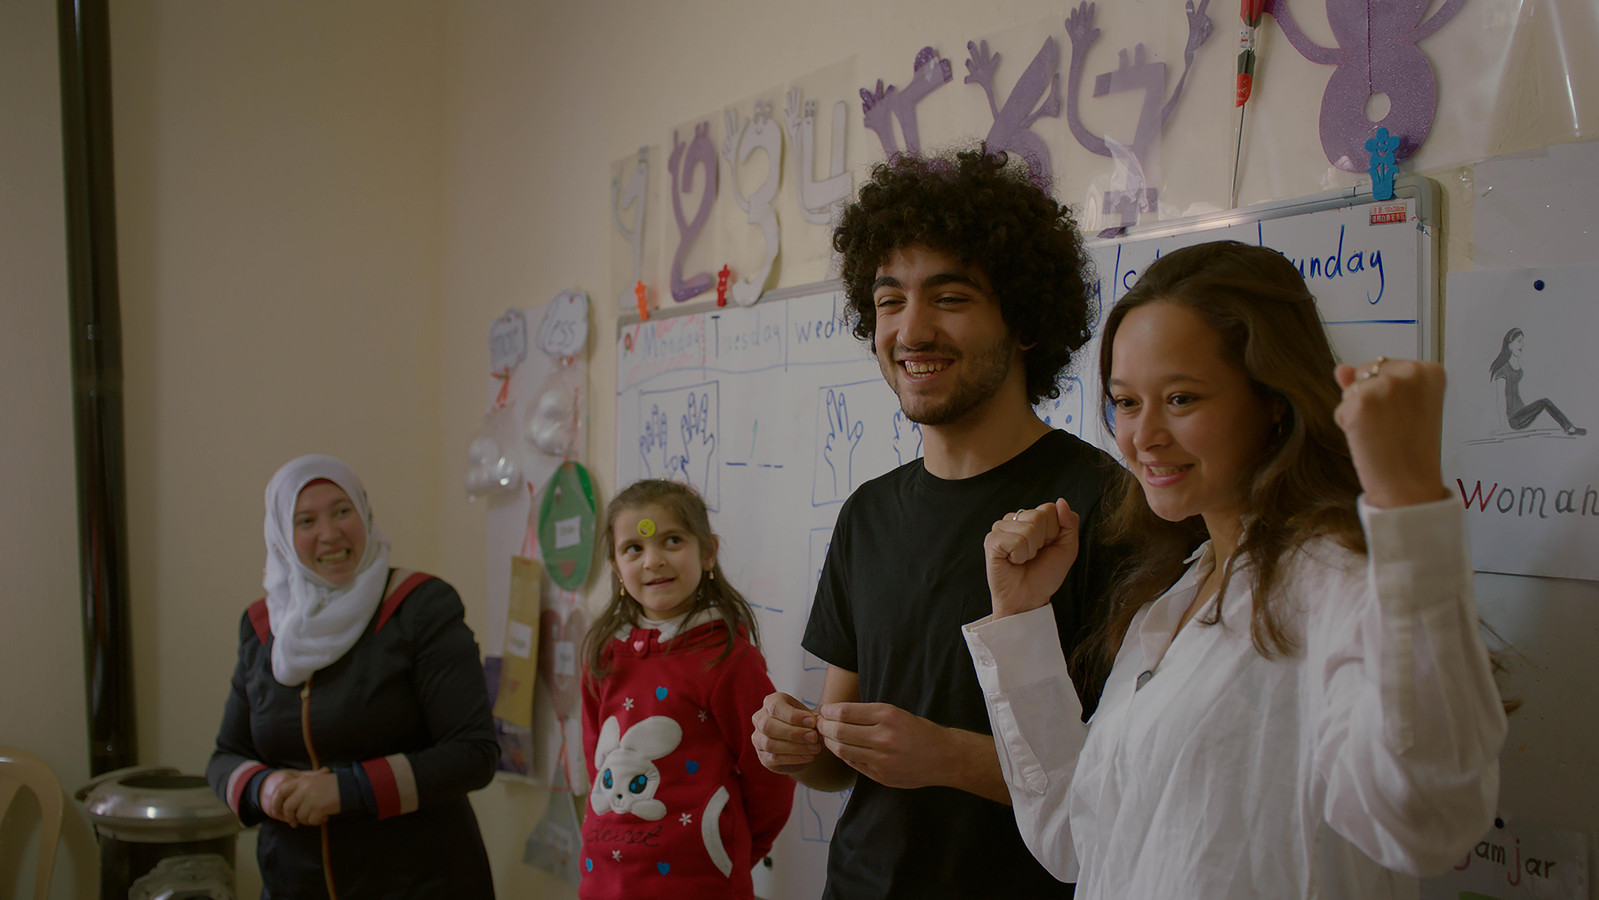 In Libanon met Mohamad, die daar een school stichtte.